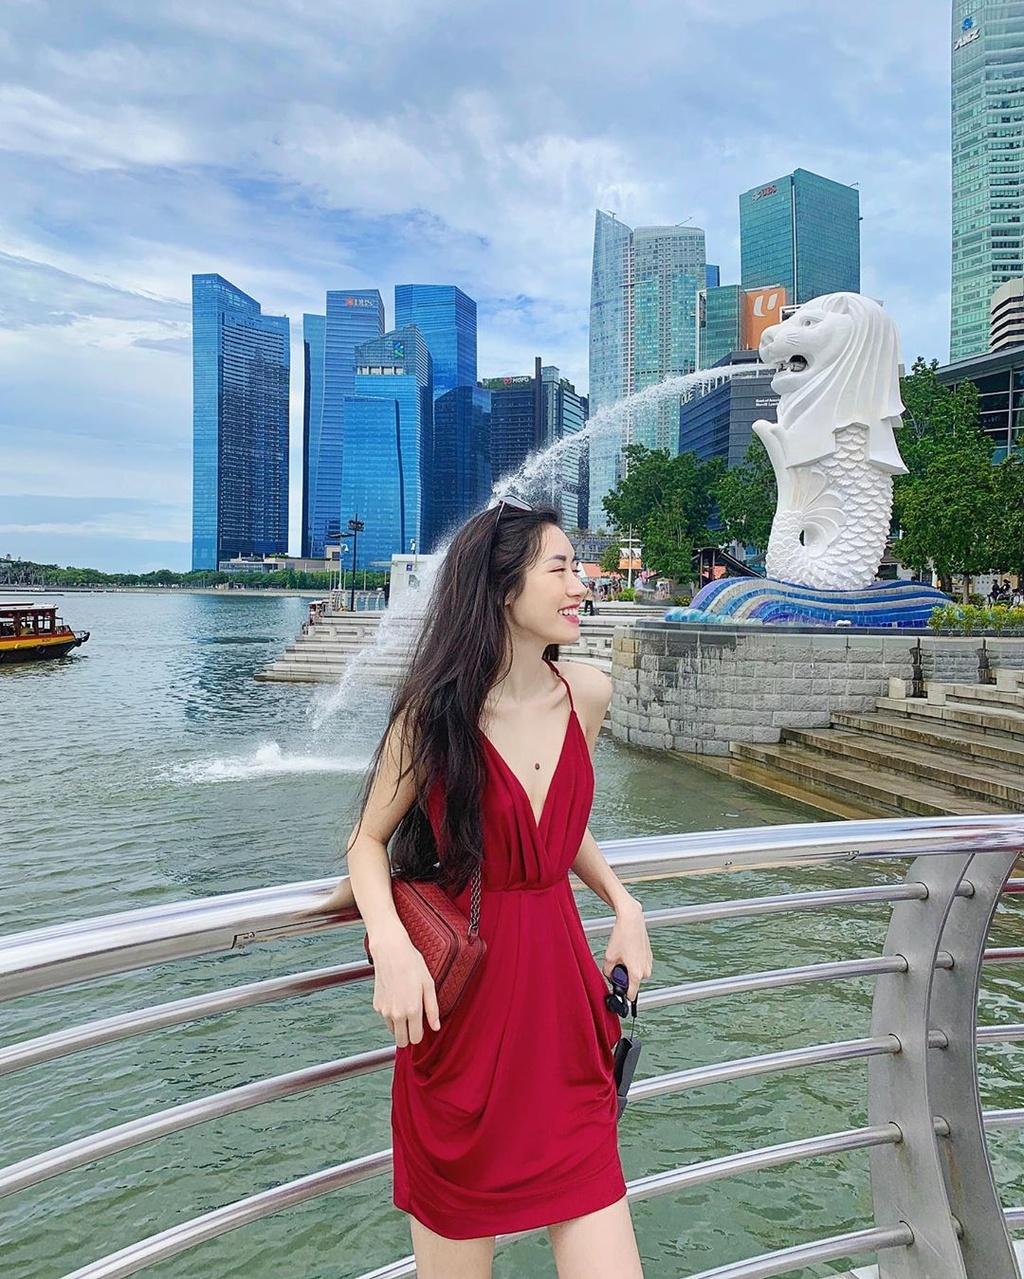 2 beauty blogger bang tuoi, xuat than giau co, ngoai hinh cuon hut hinh anh 6